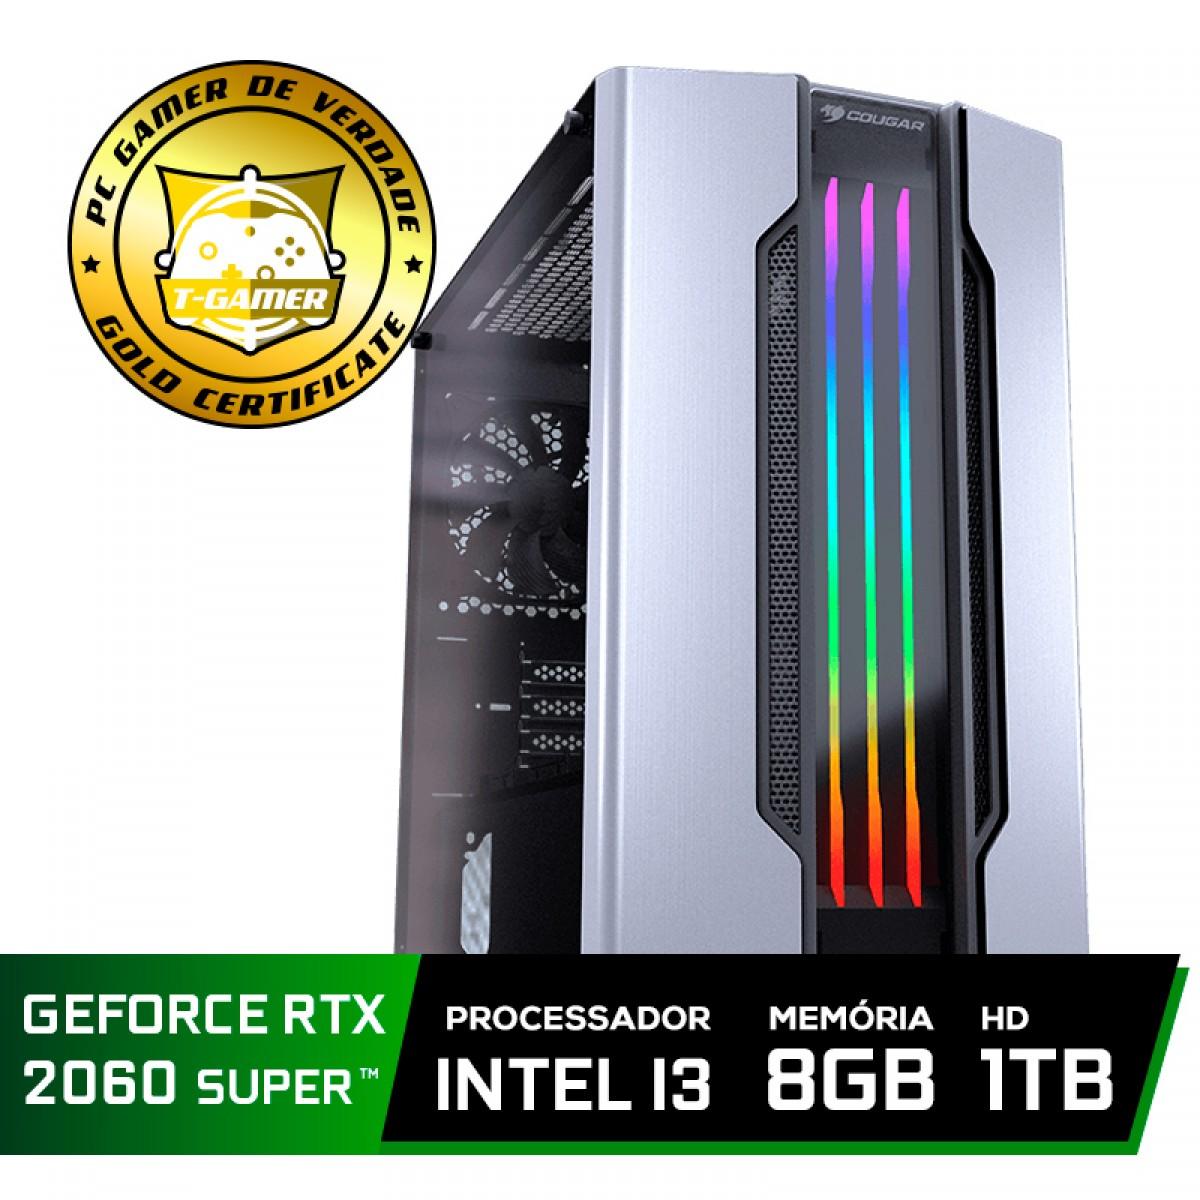 Pc Gamer Super Tera Edition Intel Core i3 9100F / GeForce RTX 2060 Super / DDR4 8Gb / HD 1TB / 600W